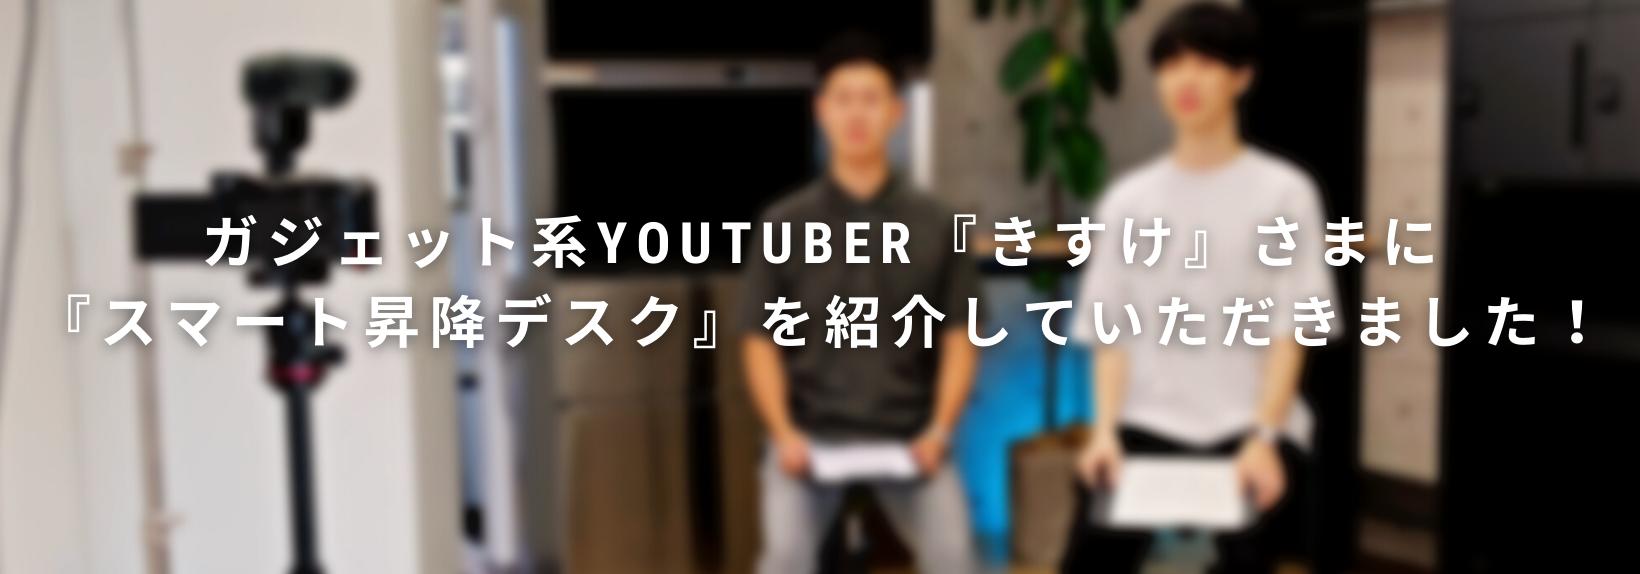 ガジェット系youtuber『きすけ』さまに『スマート昇降デスク』を紹介していただきました!